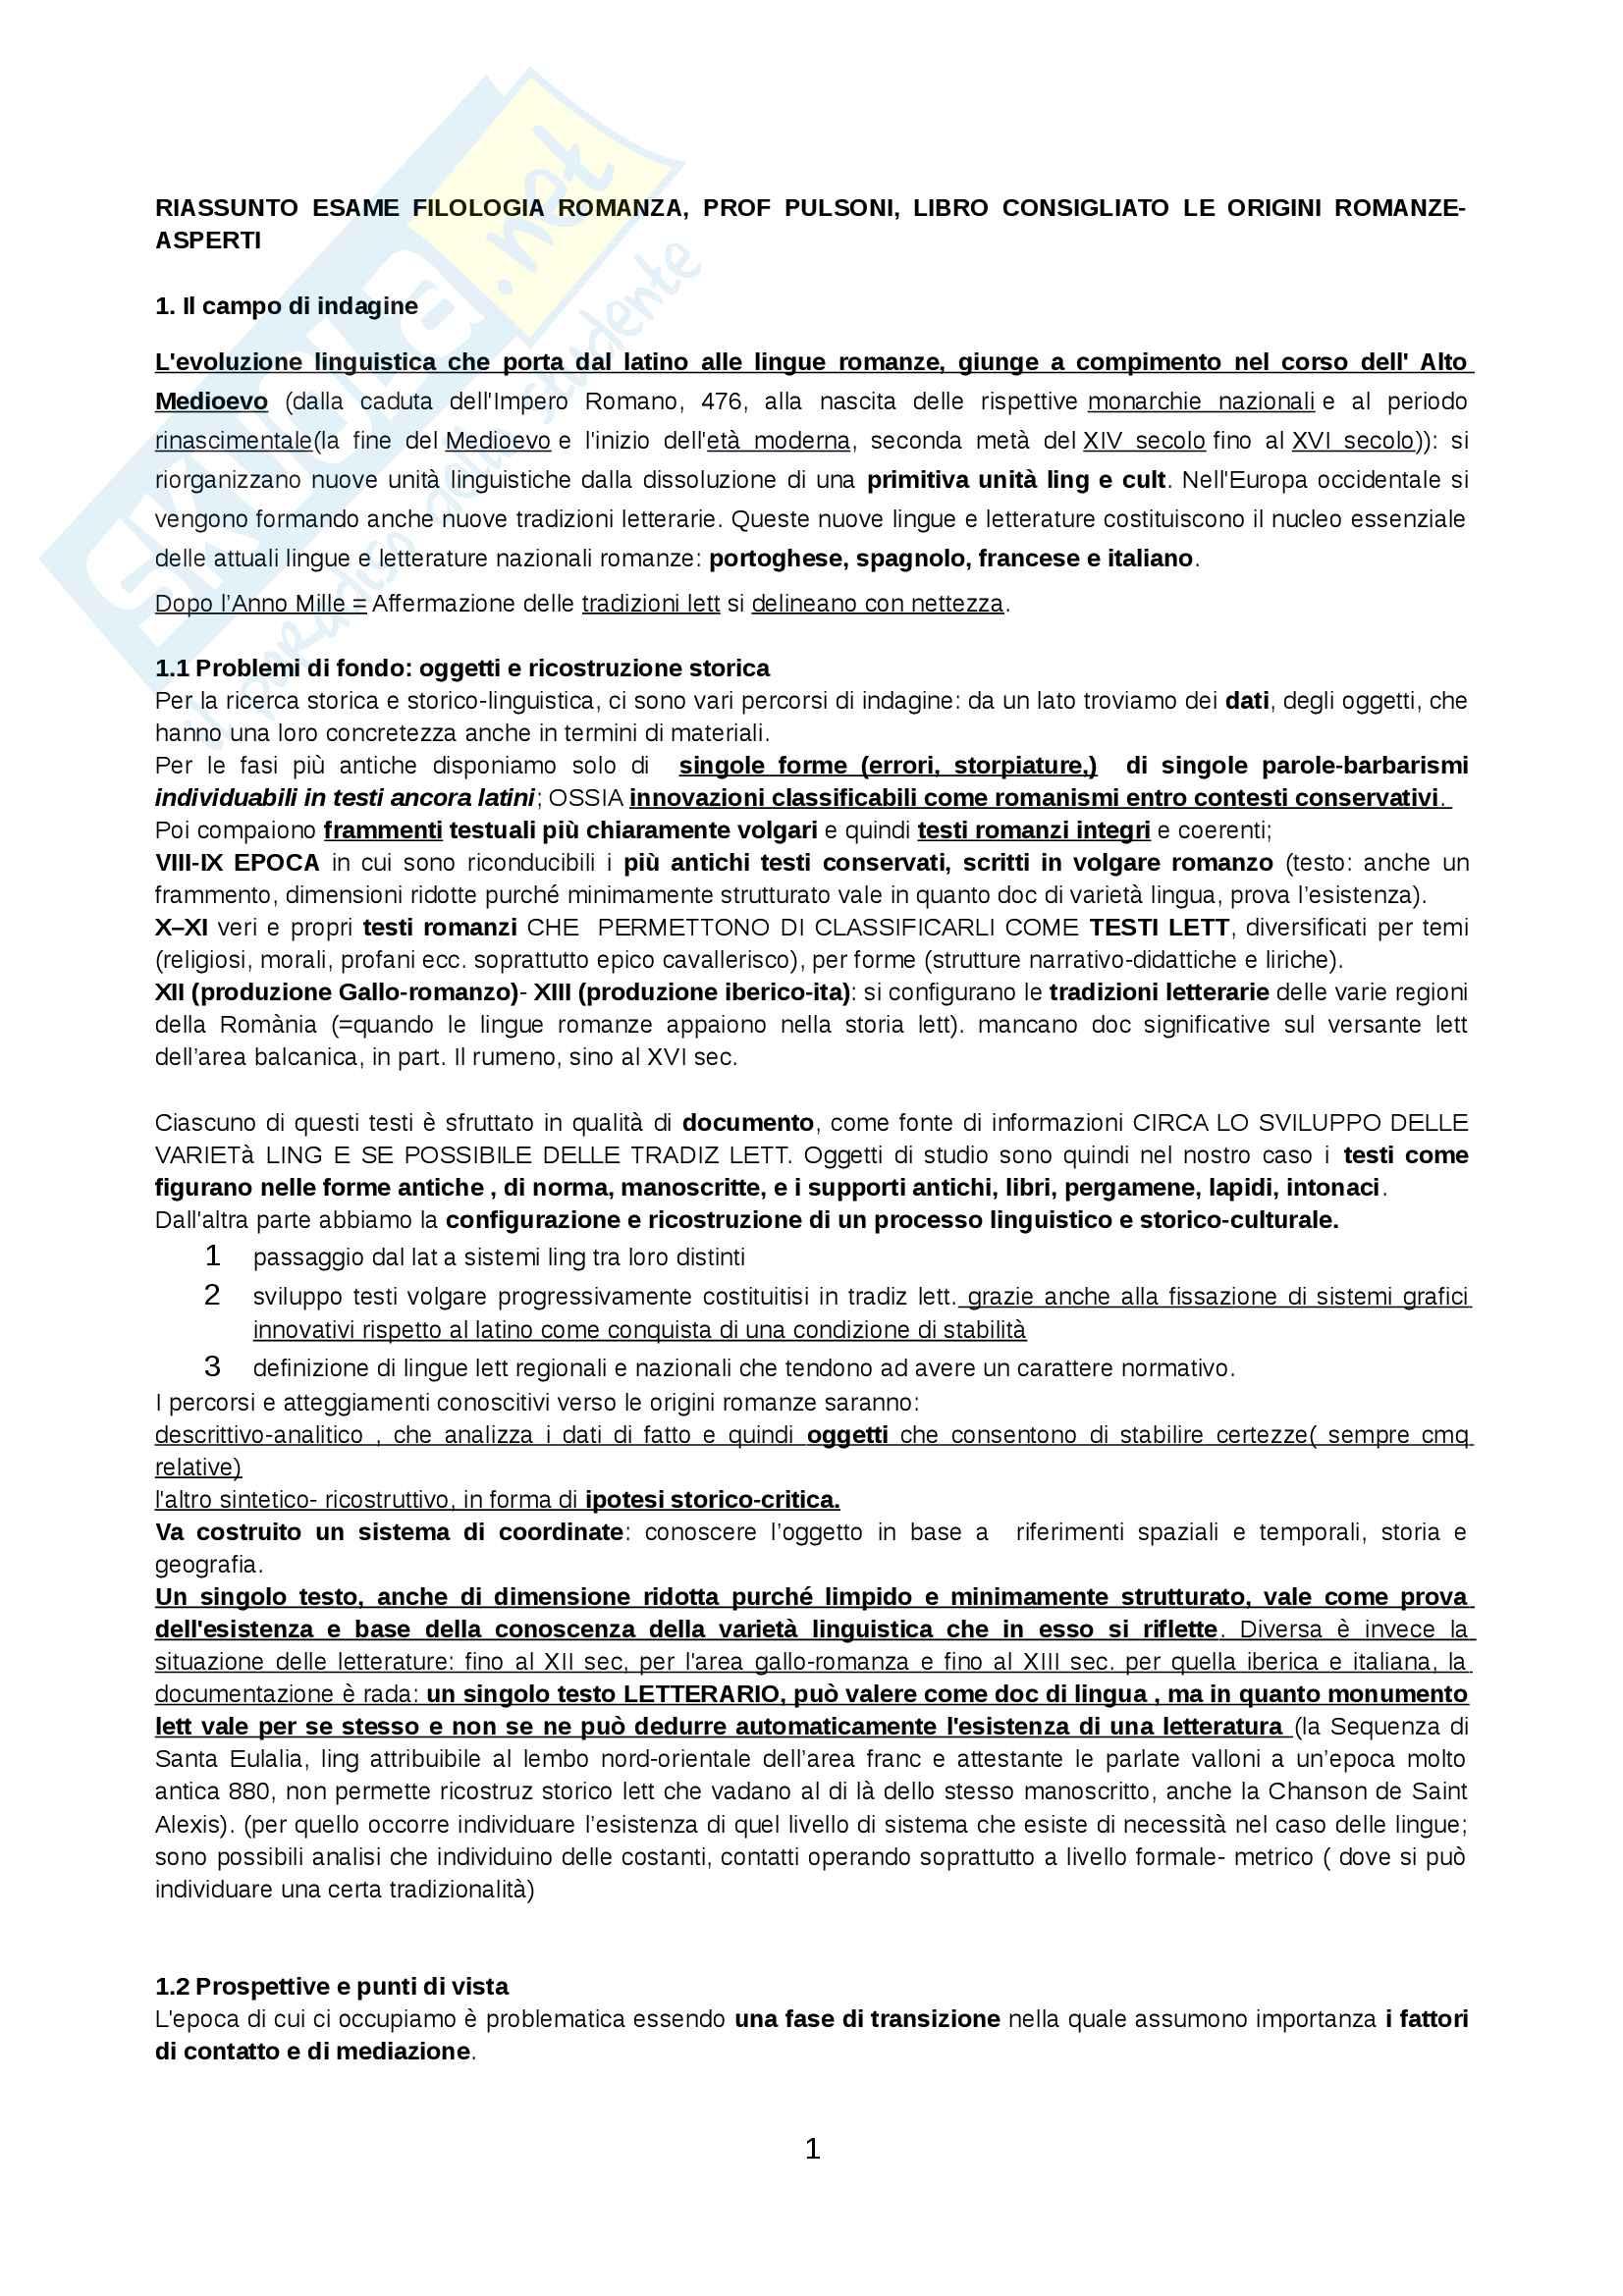 appunto C. Pulsoni Filologia romanza